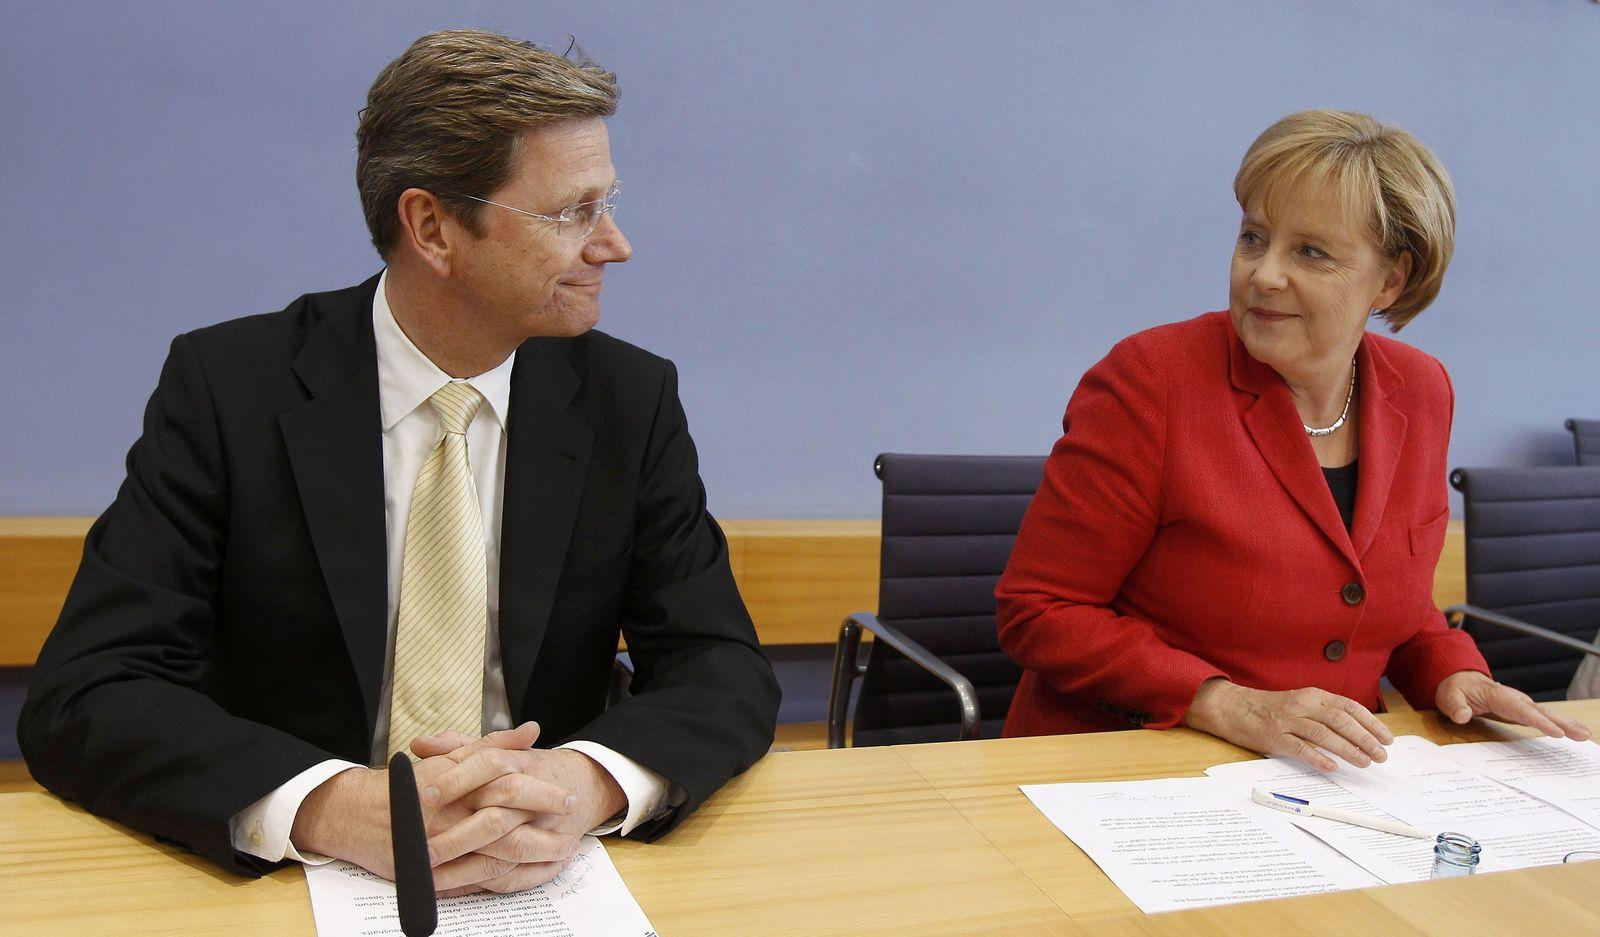 Westerwelle/ Merkel/ BPK